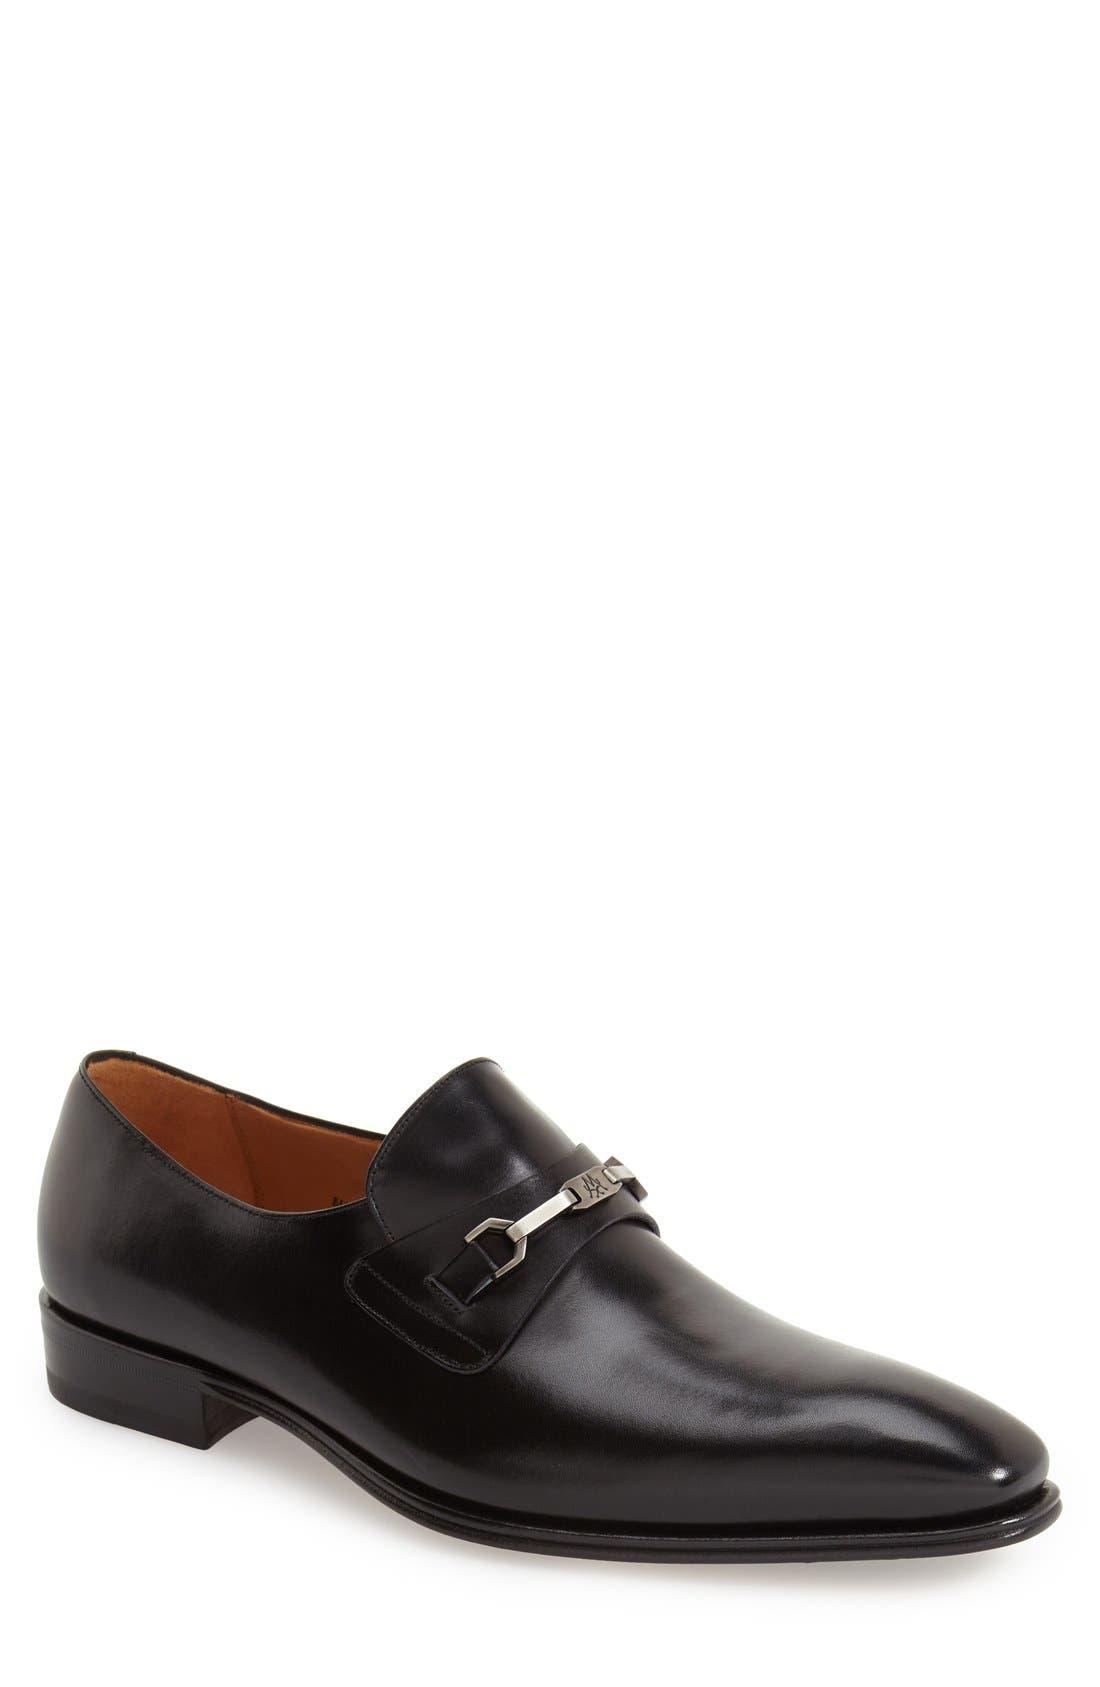 Alternate Image 1 Selected - Mezlan 'Doria' Venetian Loafer (Men)